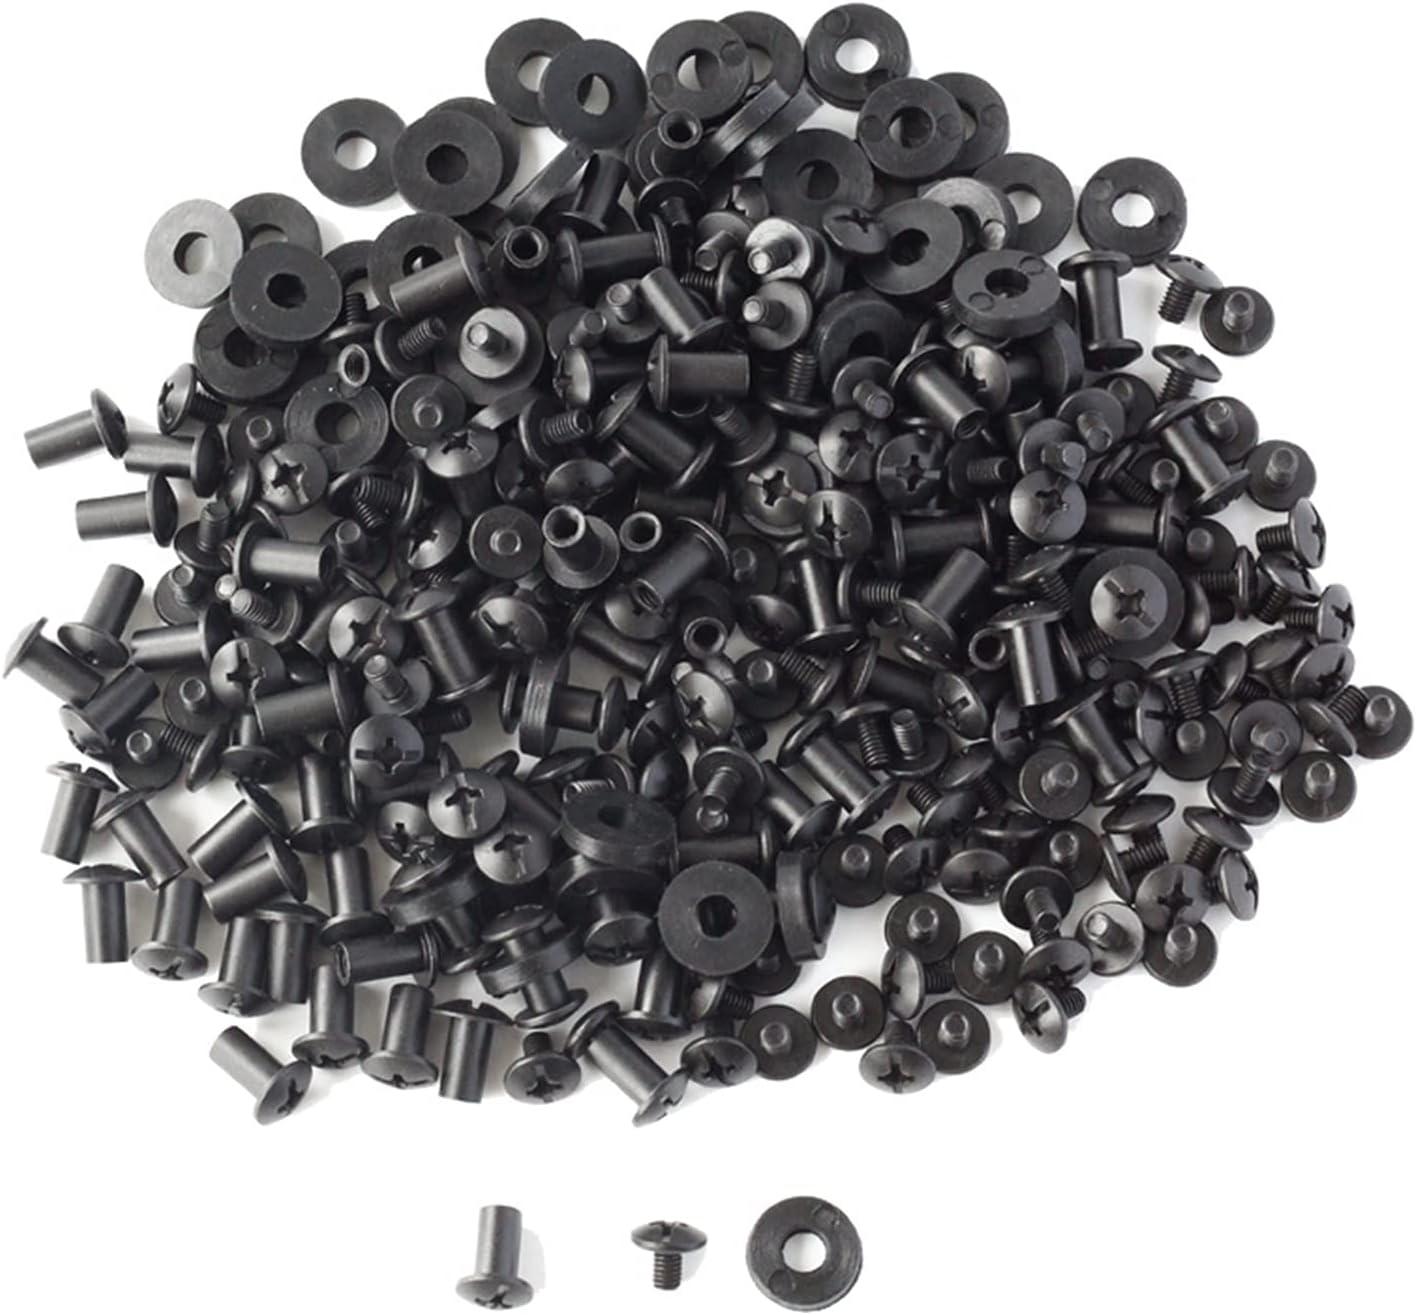 XINLIN Ruderude 100 Sets Black Cross Head Tornillos de Chicago Lavadoras de Goma Custom Kydex Pistola Cuchillo Hechos Montaje Montaje Asamblea